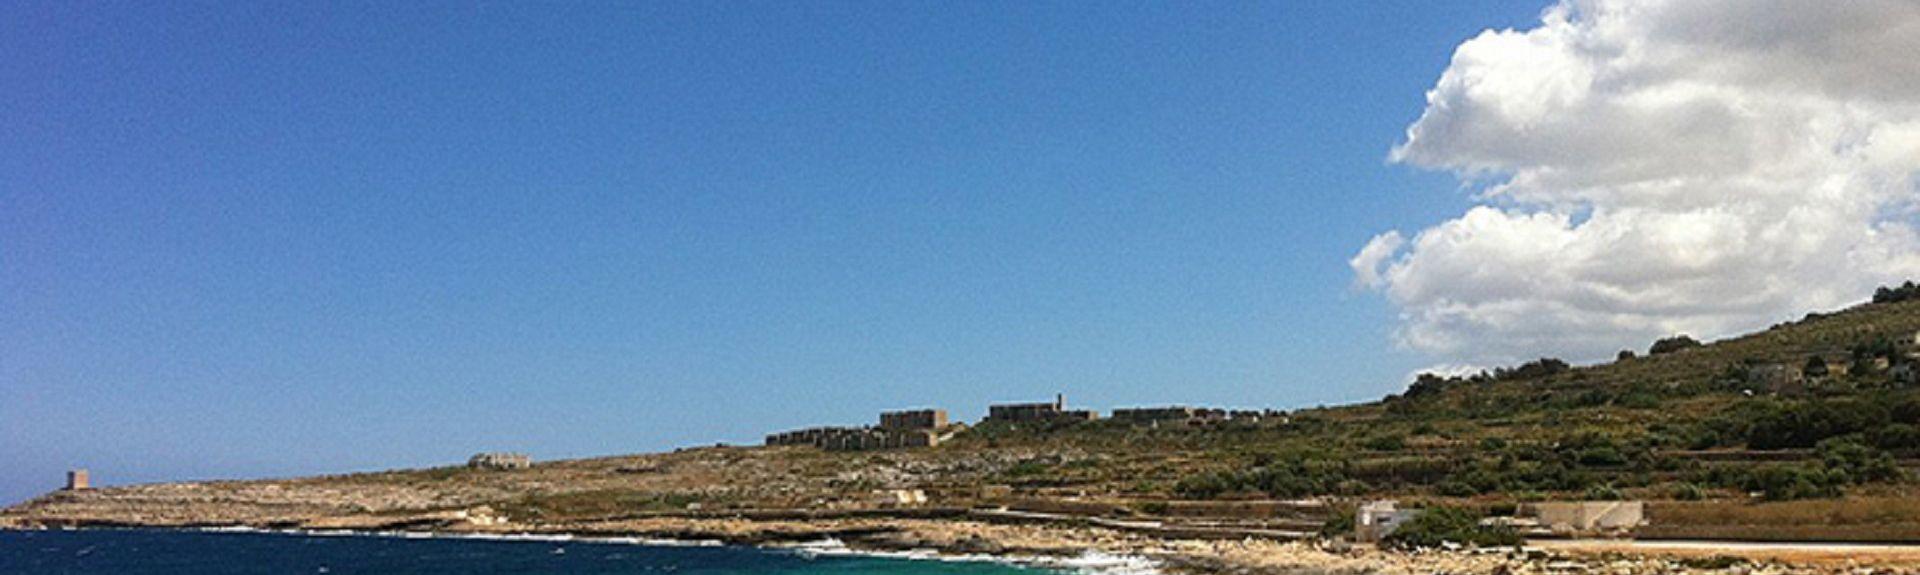 Għajnsielem, Malte